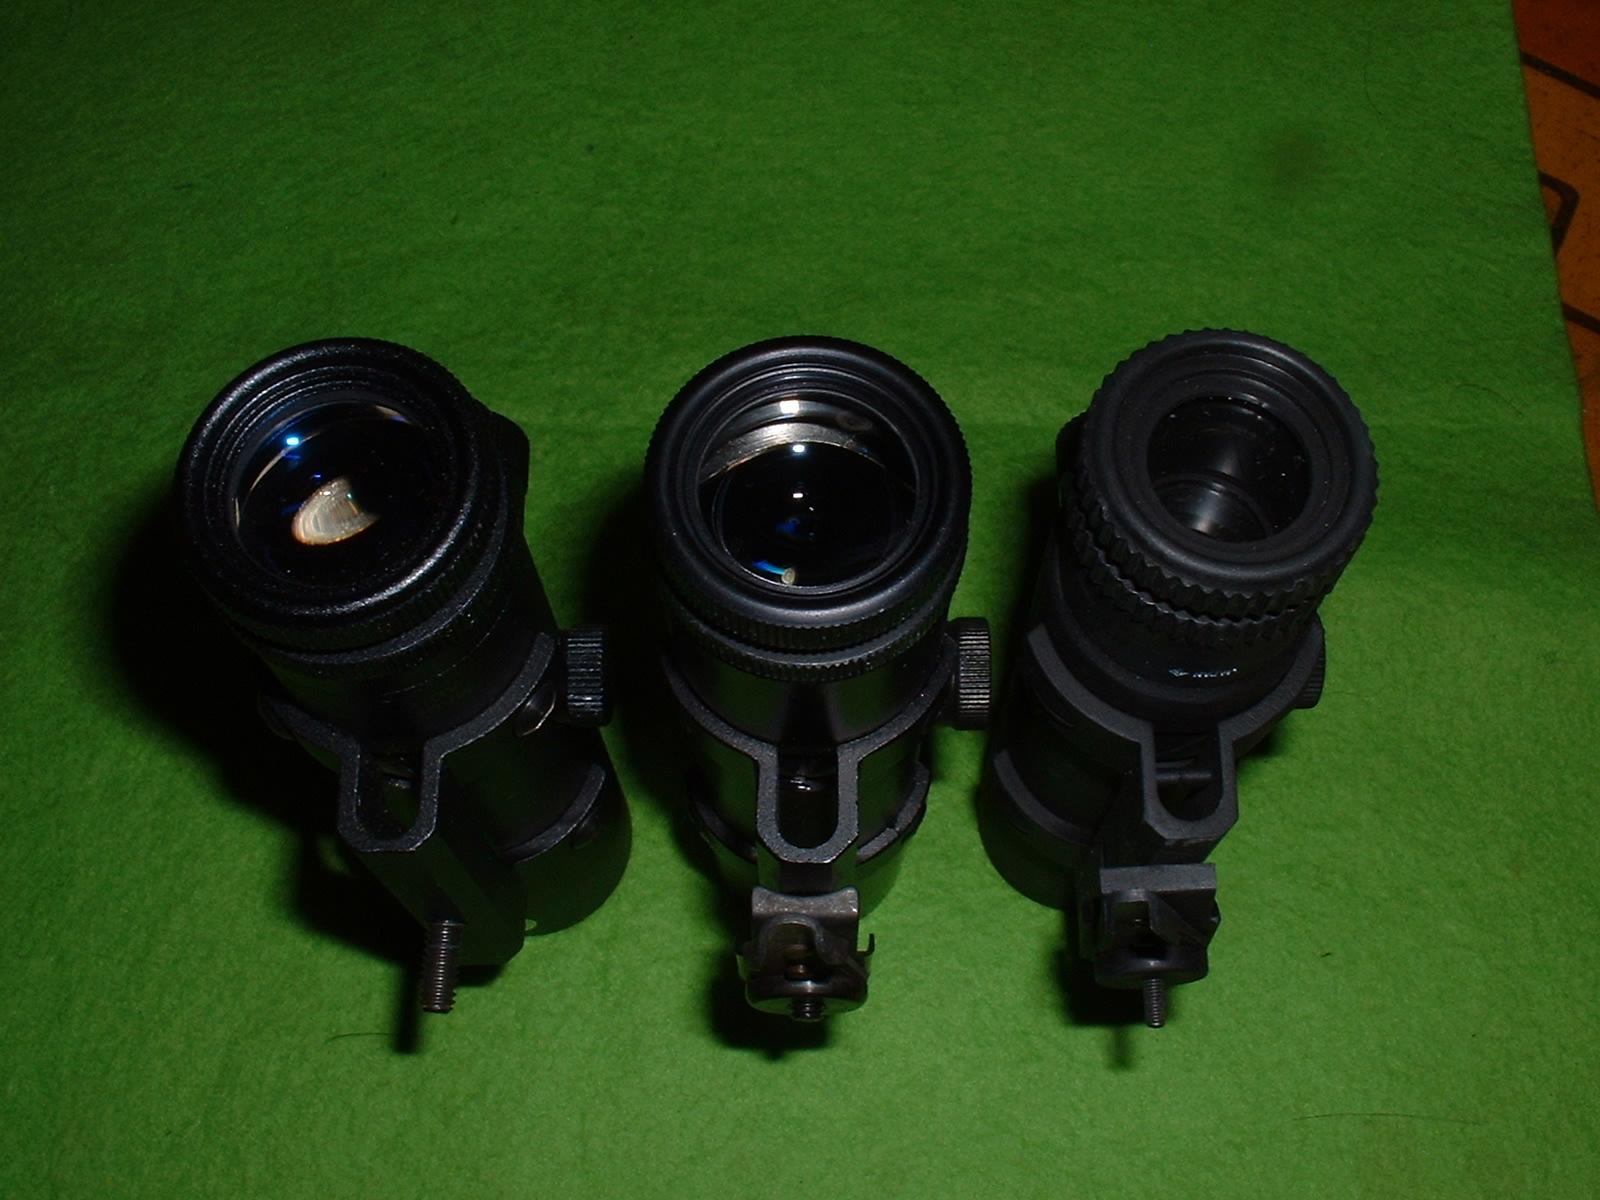 接眼レンズ部モールド比較 左より 実物、中国製コピー、LS Doburoku-TAO.JPG